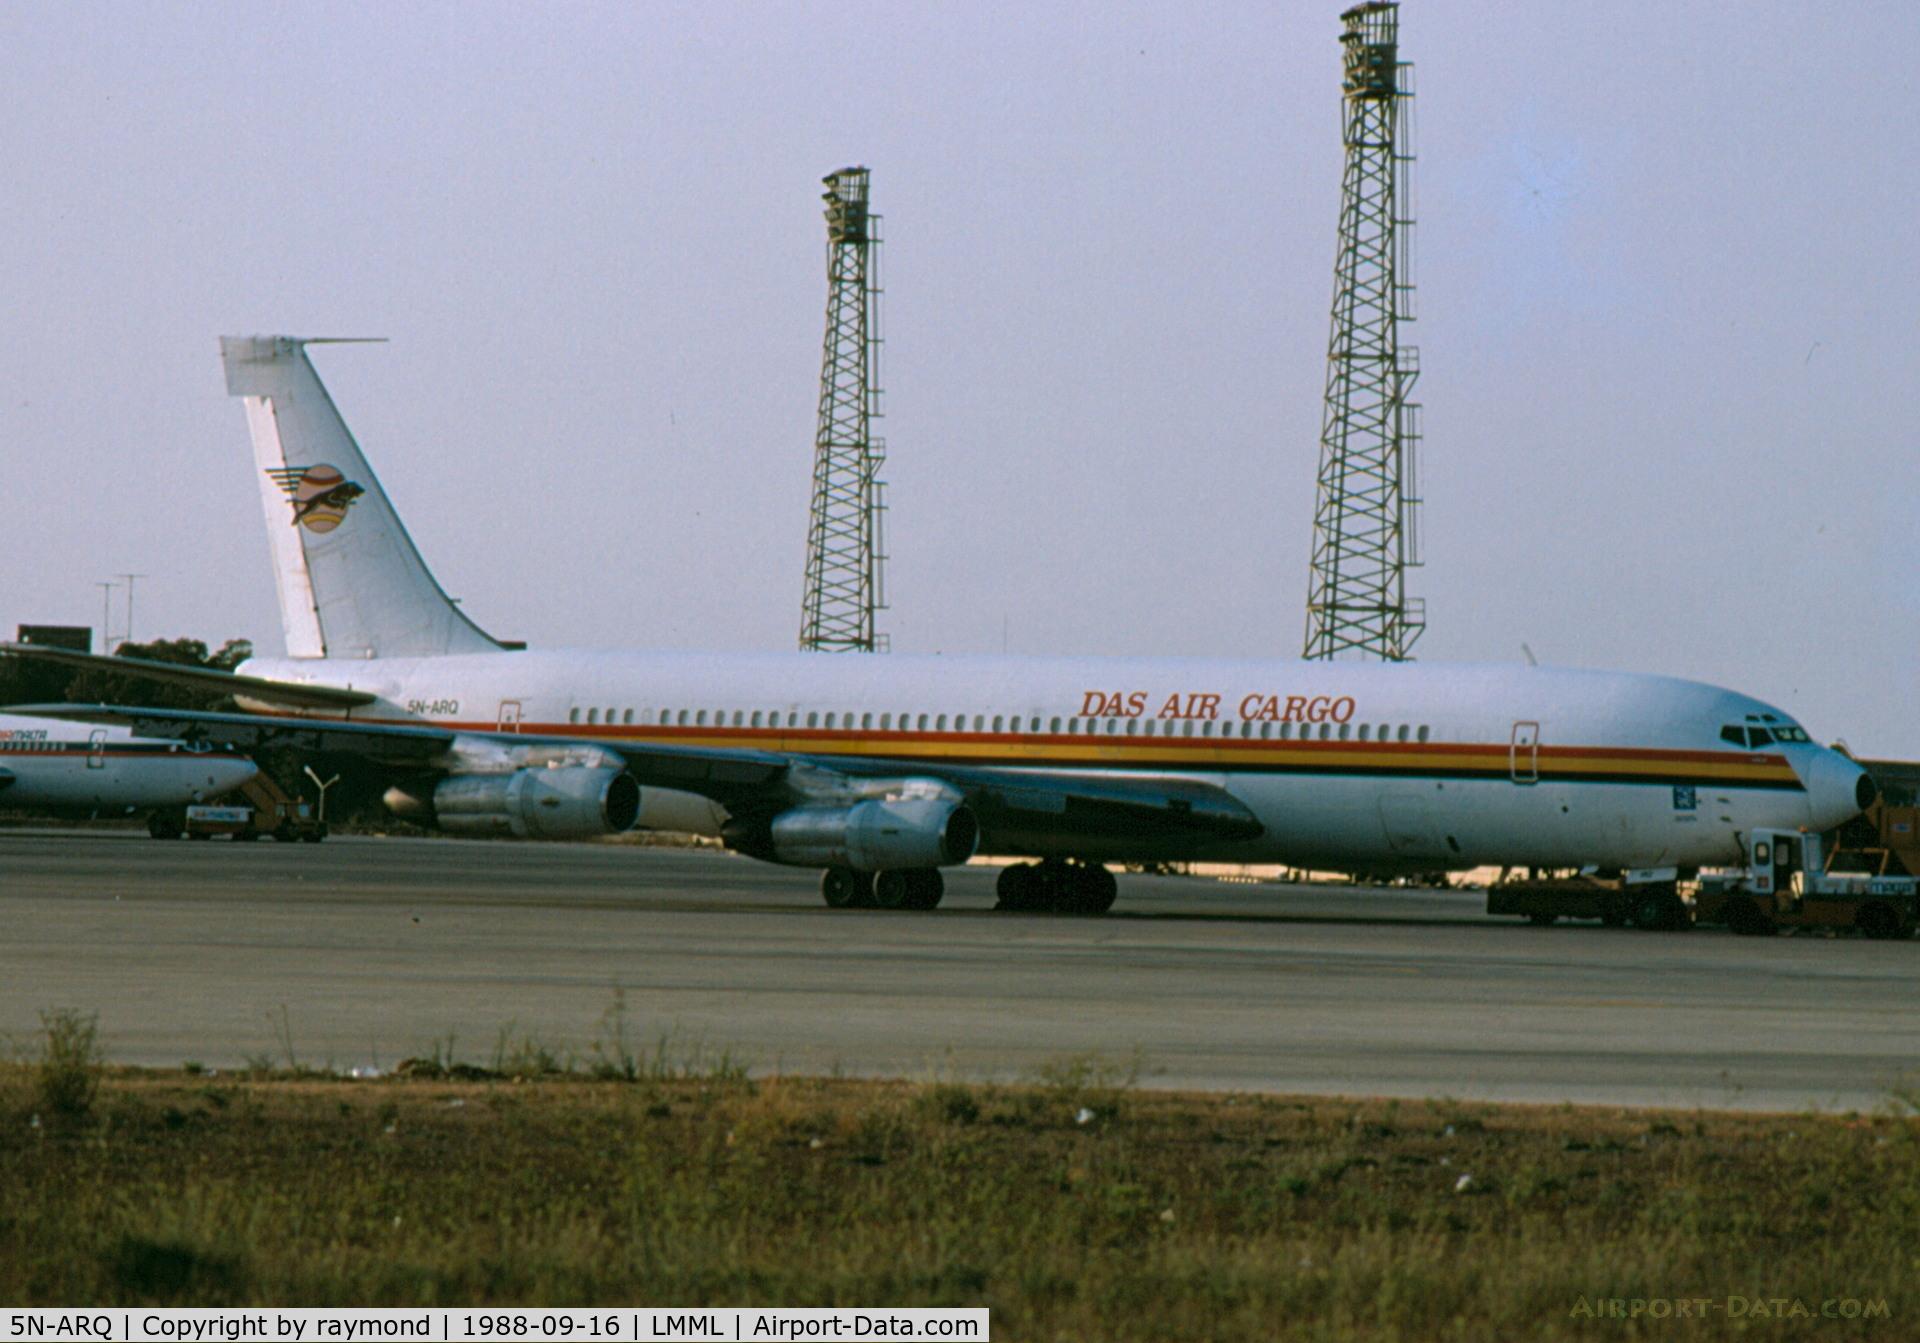 5N-ARQ, 1965 Boeing 707-338C C/N 18809, B707 5N-ARQ DAS Air Cargo